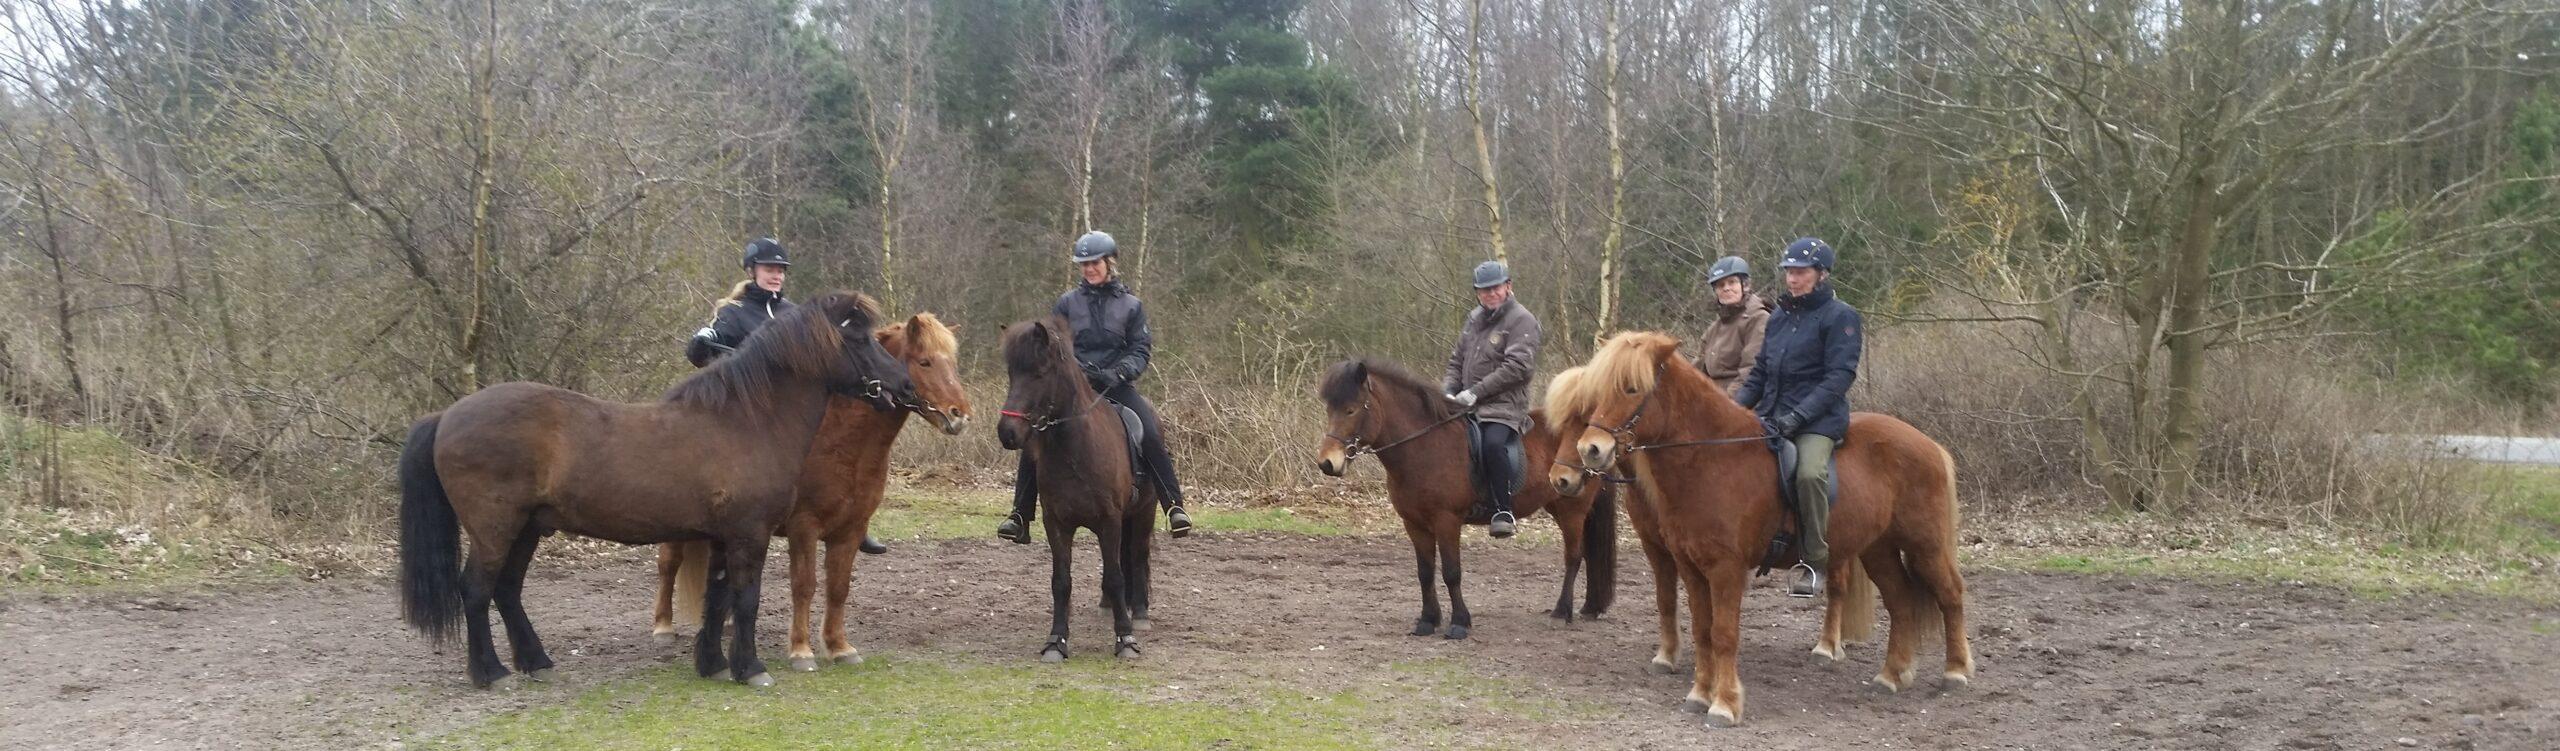 Rideterapeut elever i foråret på Røsnæs